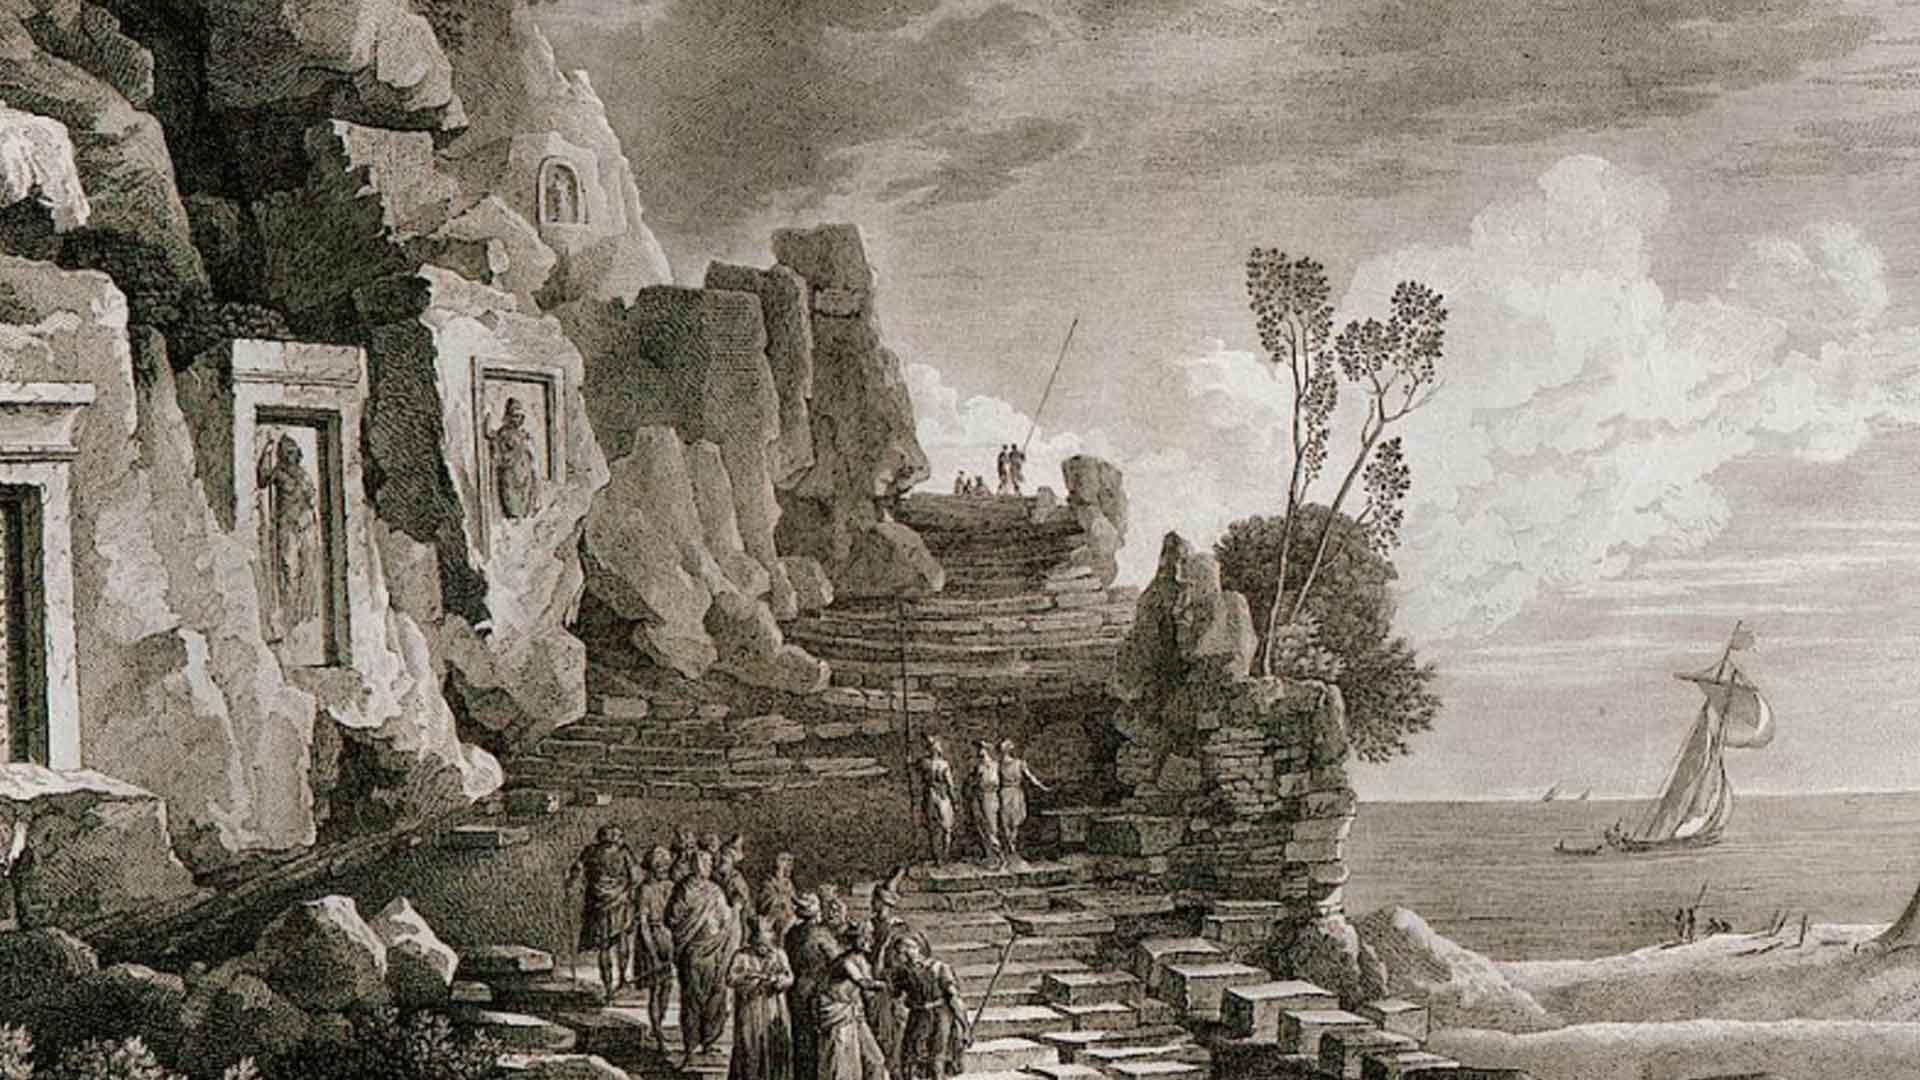 Este lugar único en la Tierra contiene grabados de múltiples civilizaciones y 13 épocas diferentes de la historia